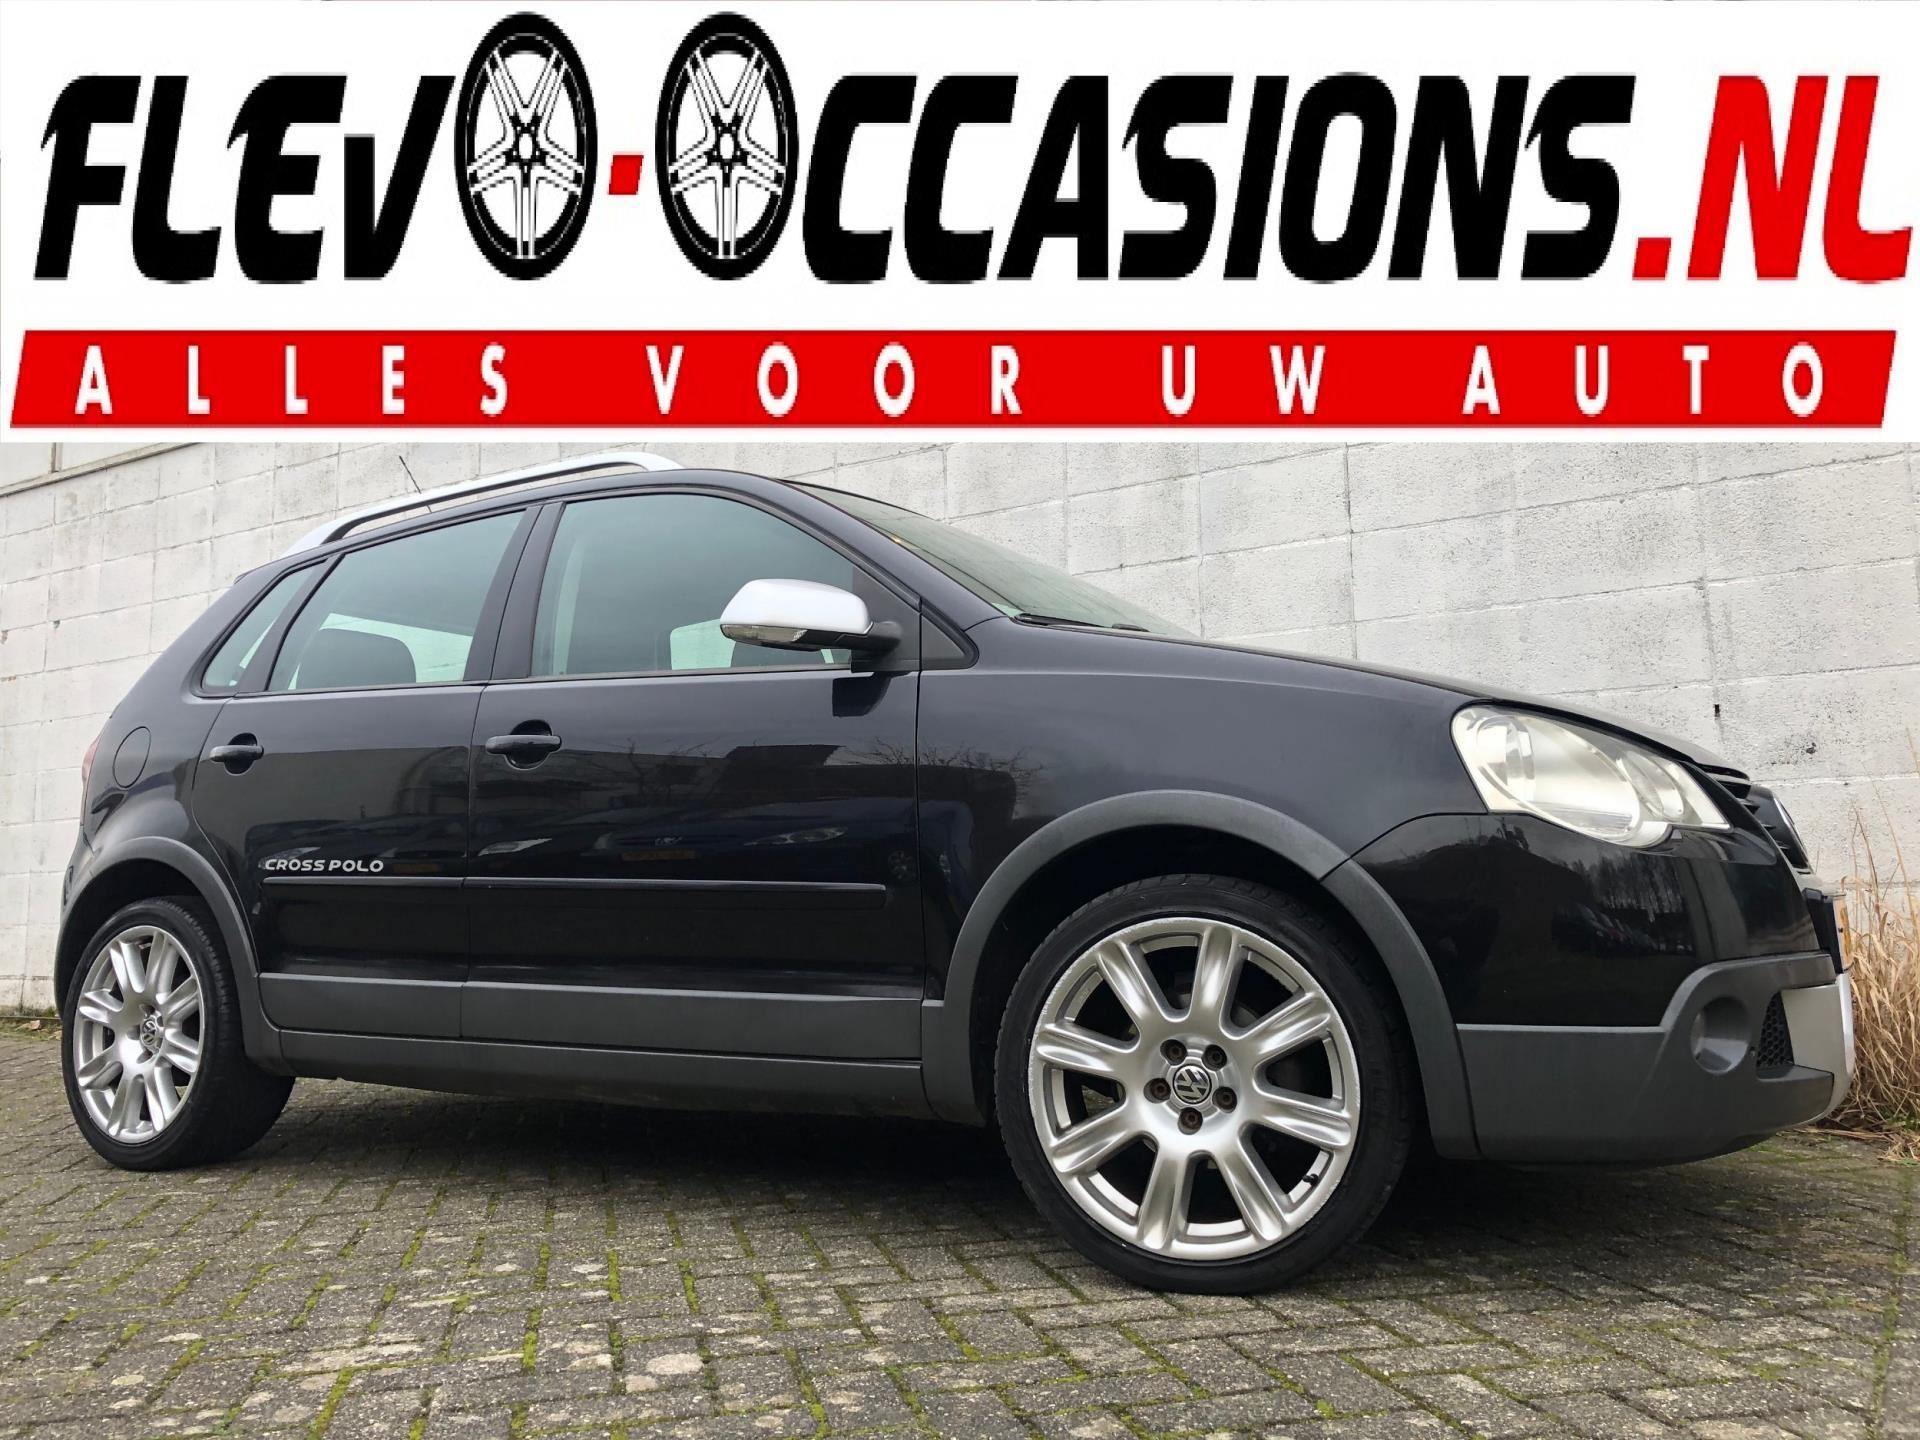 Volkswagen Polo occasion - Flevo Occasions